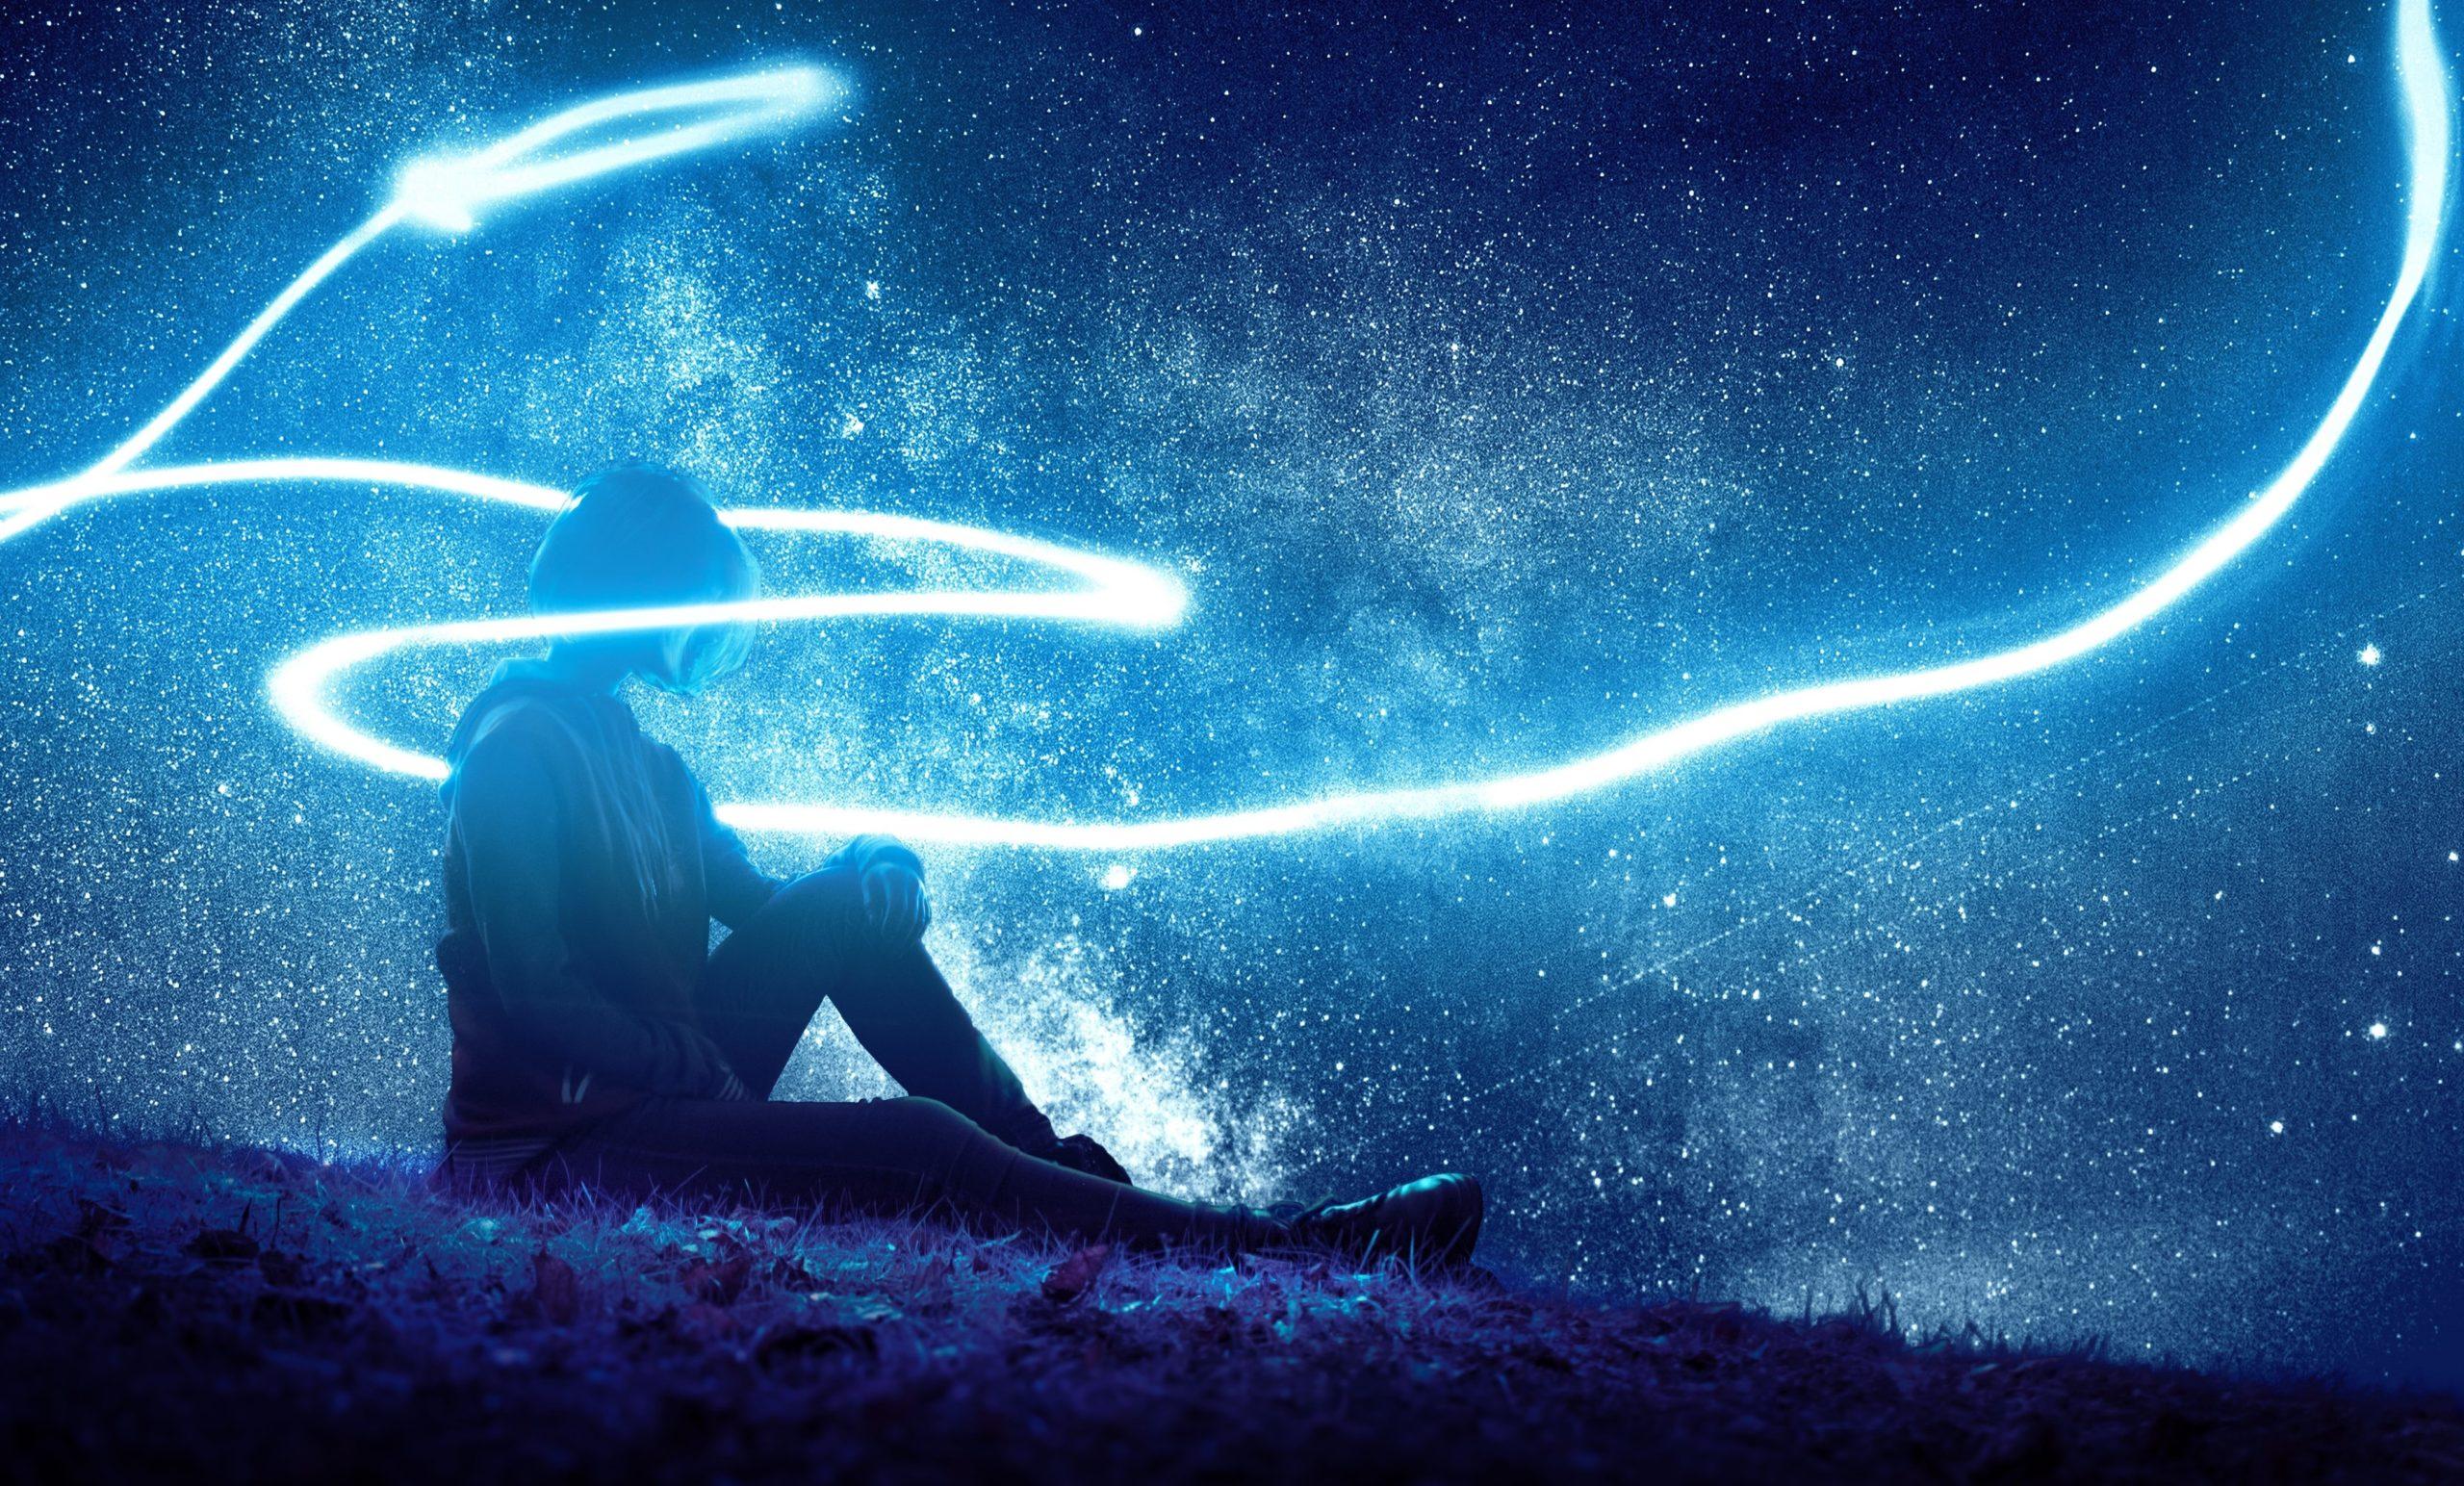 「夜占い」のすすめ。一日の終わりに悩みを解消すると恋愛も上手くいく?